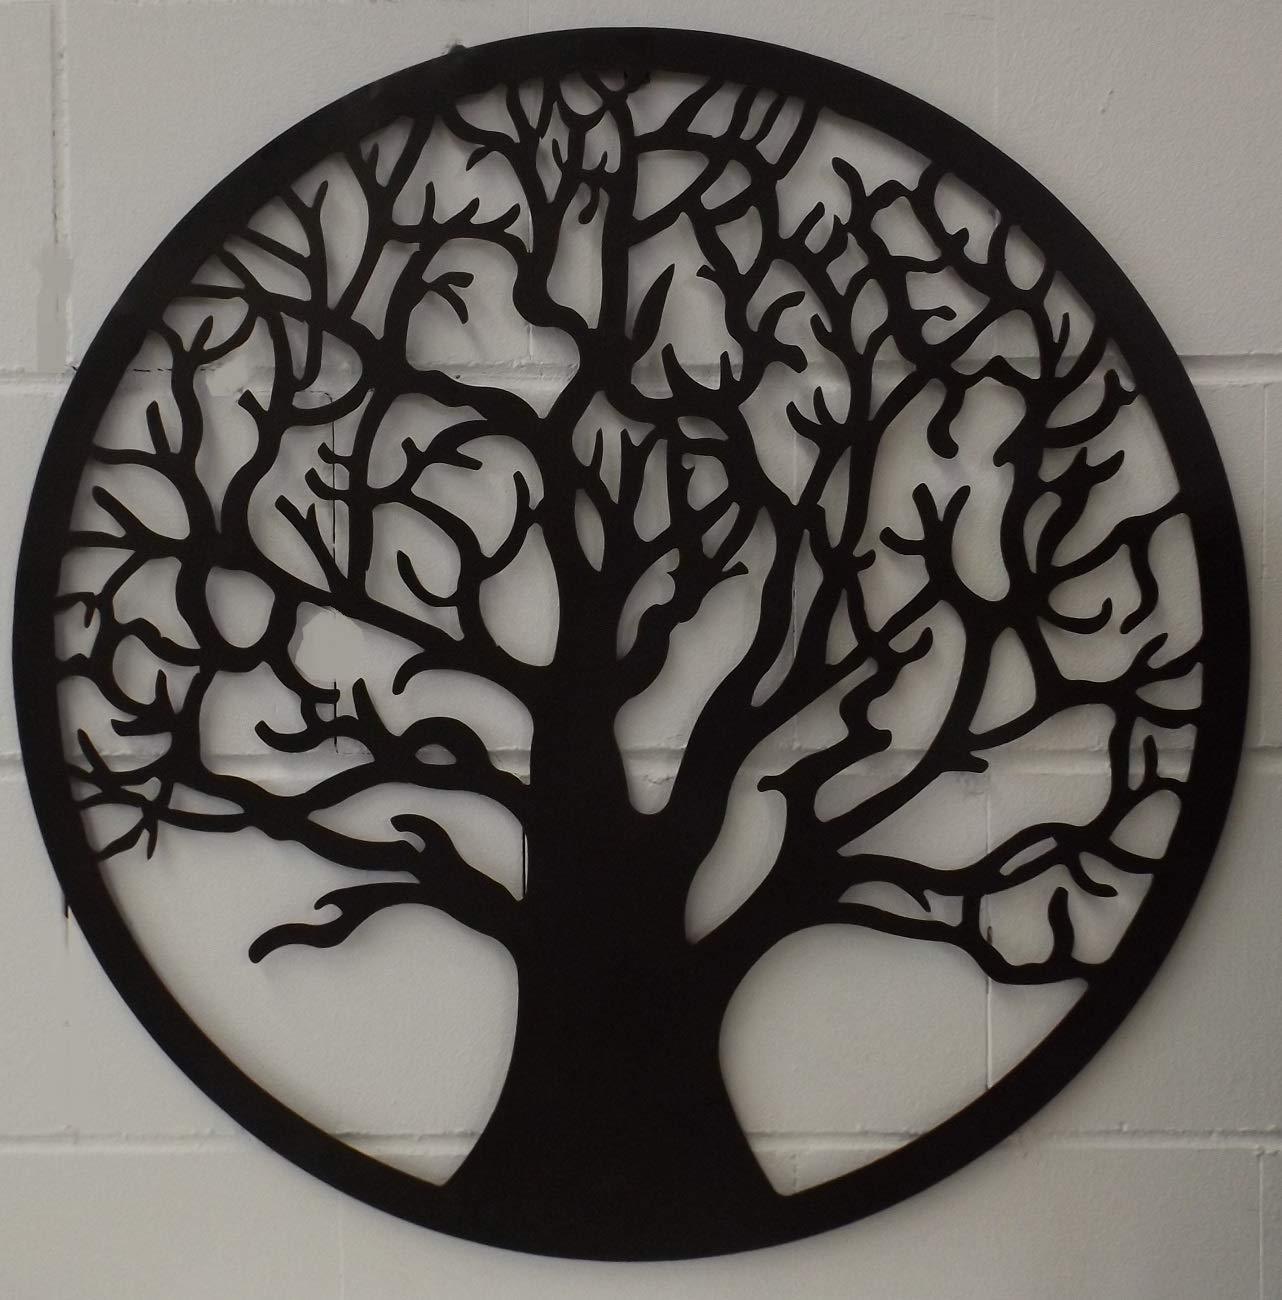 GILDE Wandrelief 68045 Lebensbaum Baum Metall braun gewischt Wand-Bild-Relief Bilder Wandbilder Wandbild